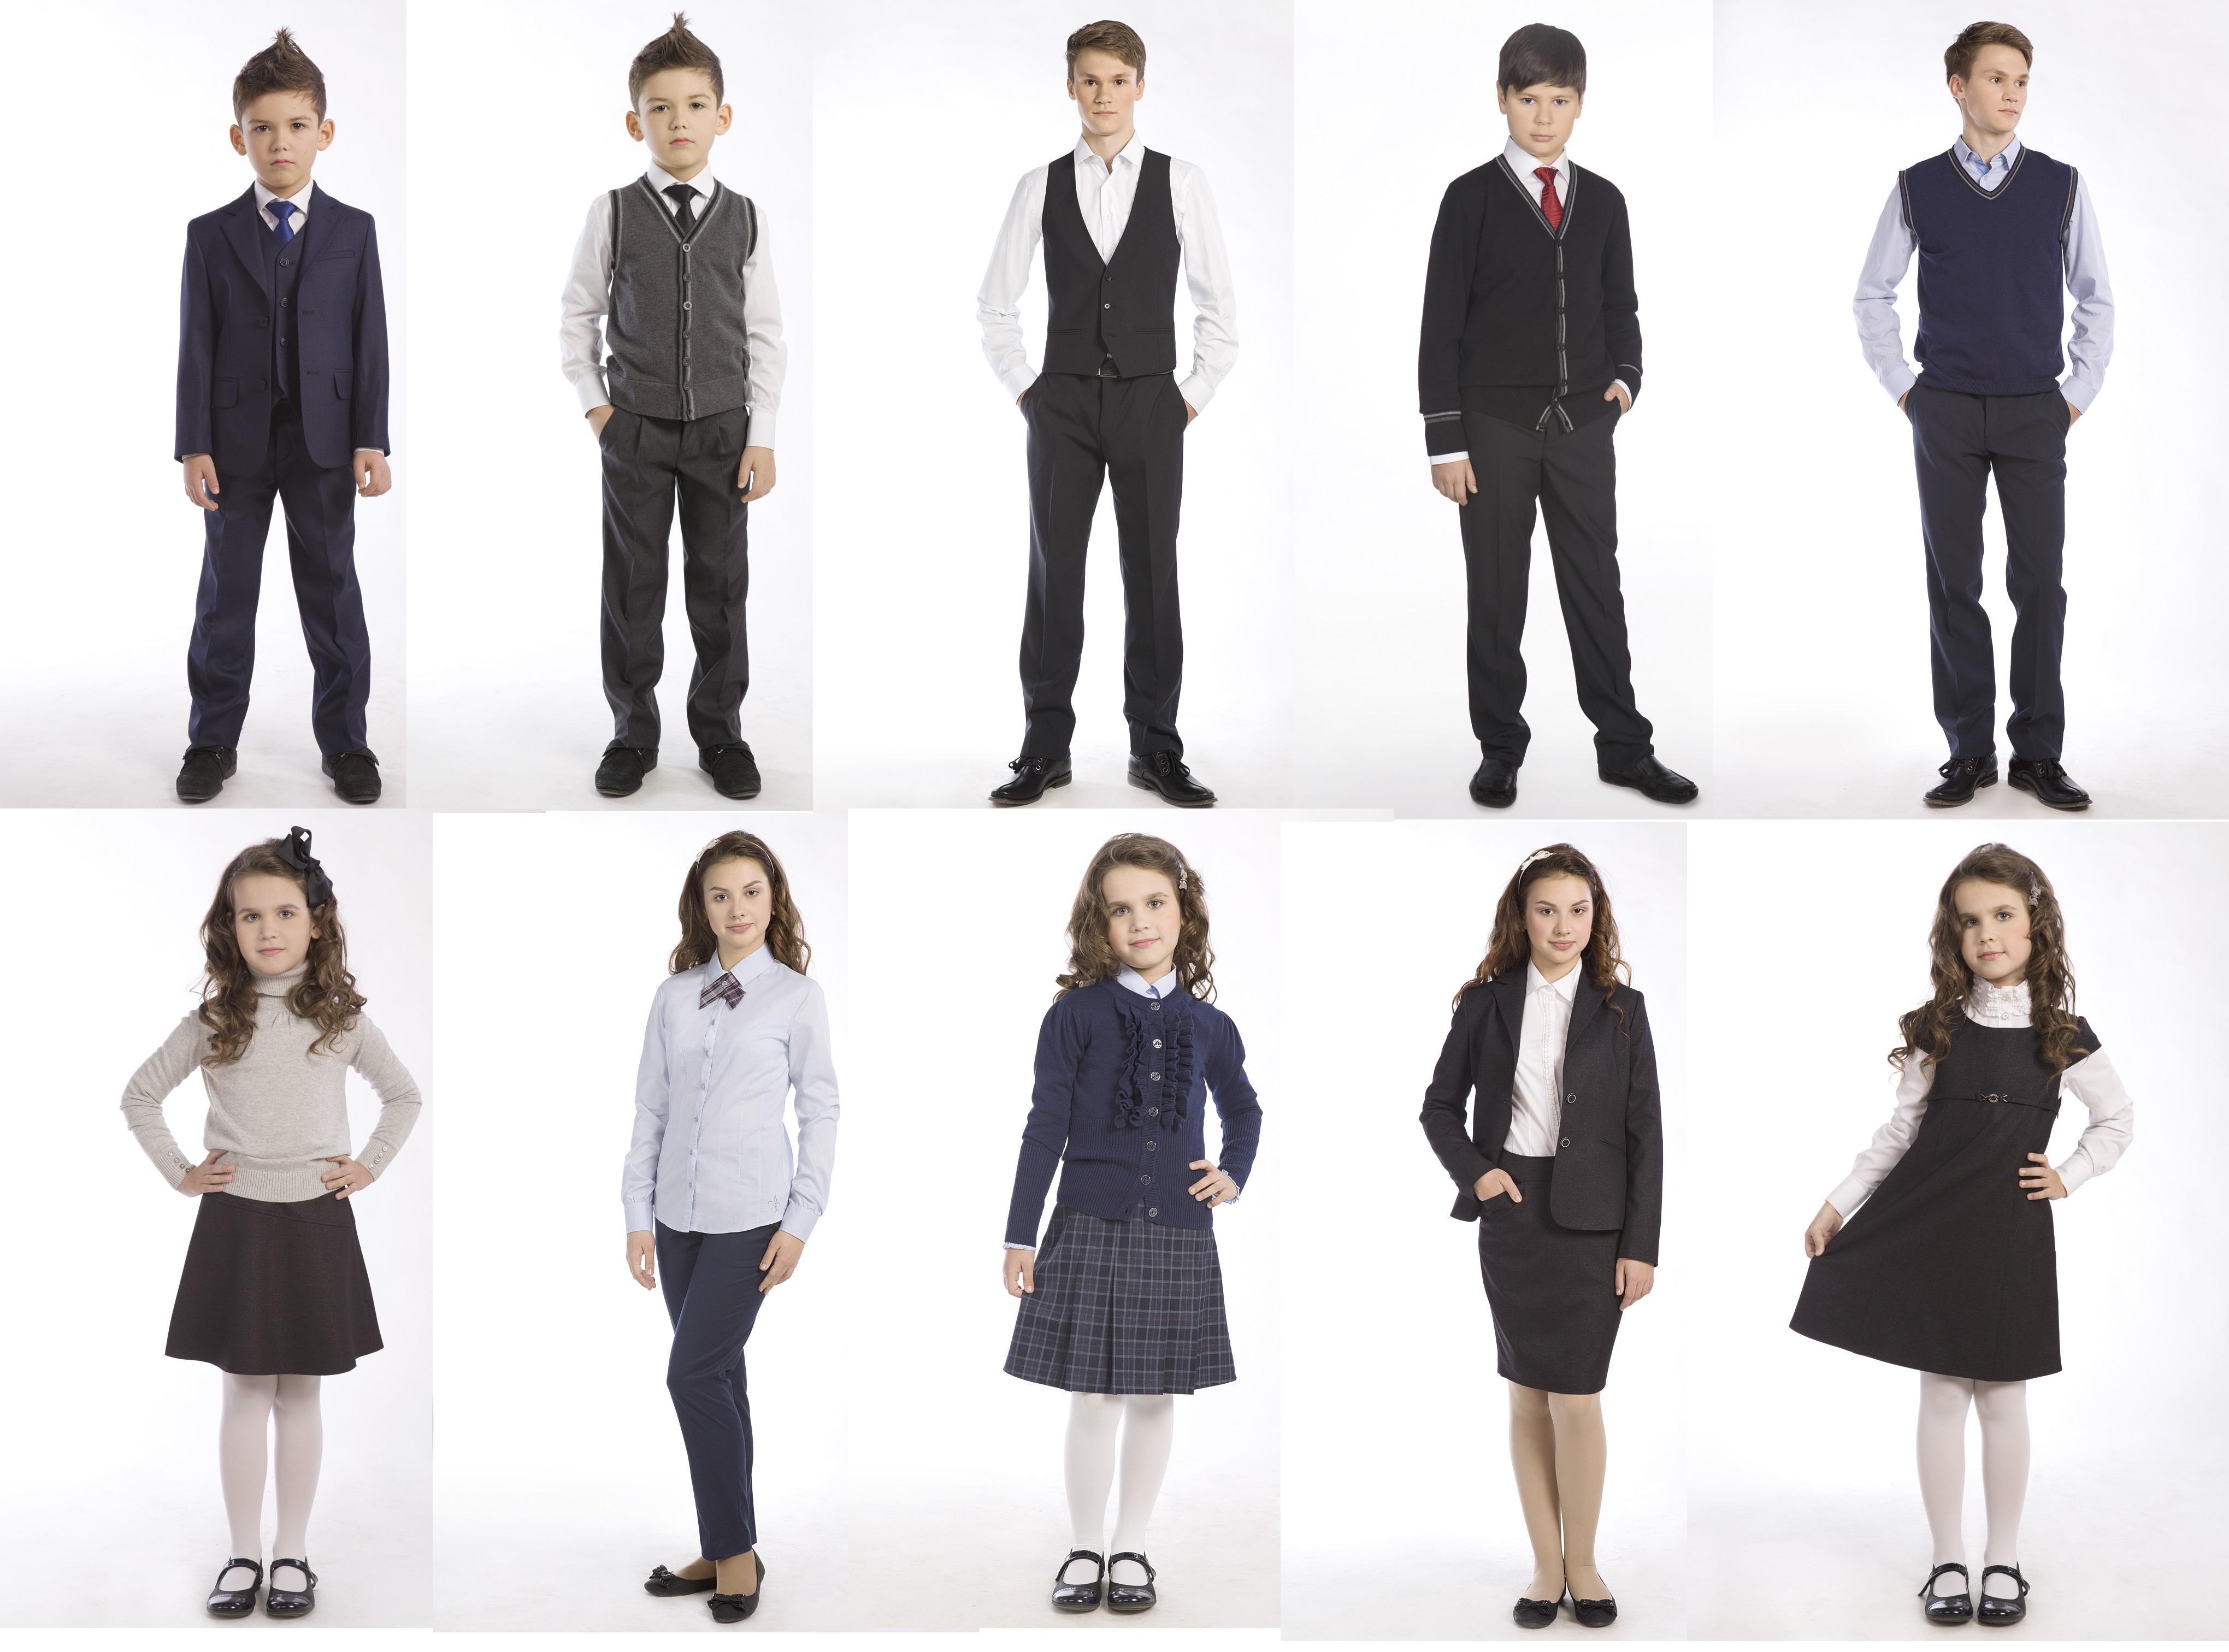 Школьная форма нового поколения! Костюмная группа и школьный трикотаж - водолазки, жилеты, кардиганы, рубашки, блузки - 17. На рост от 116 до 188. Без рядов! Раздачи к середине августа!